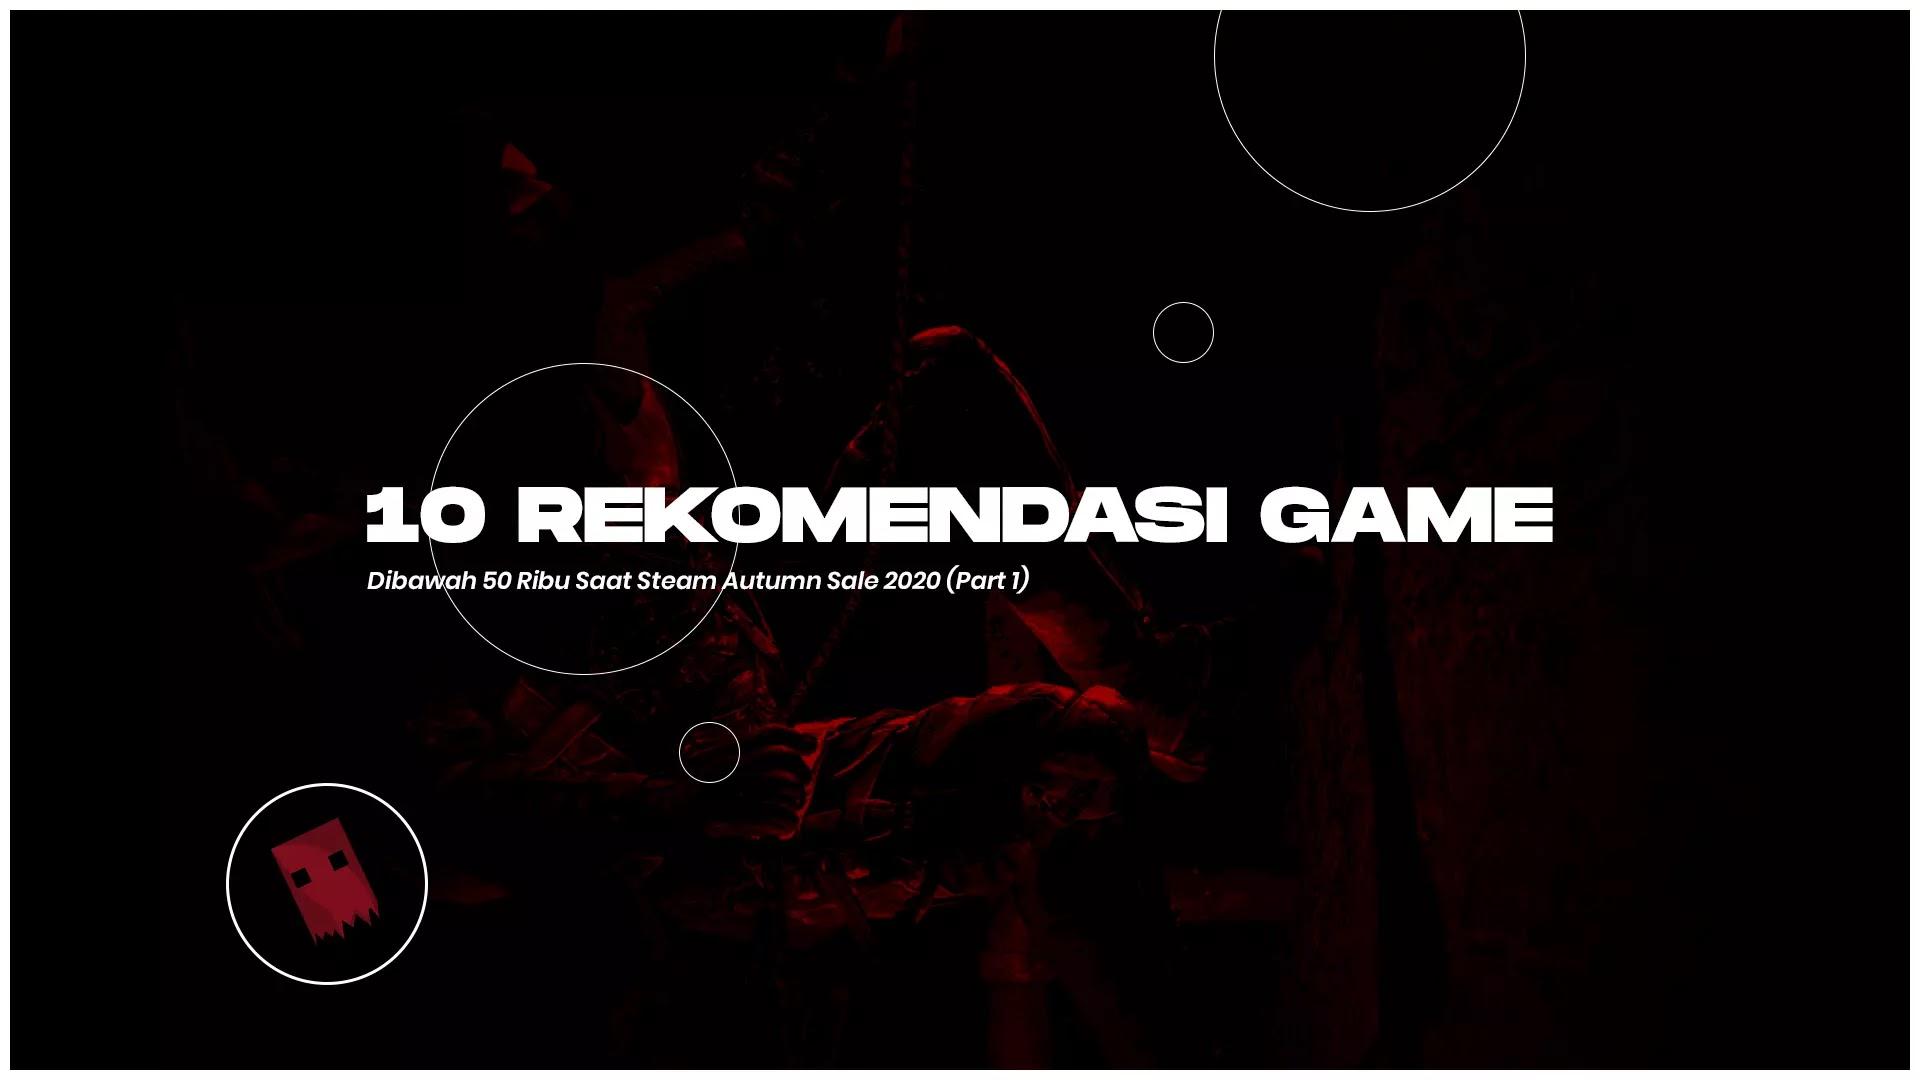 10 Rekomendasi Game Dibawah 50 Ribu Saat Steam Autumn Sale 2020 (Part 1)